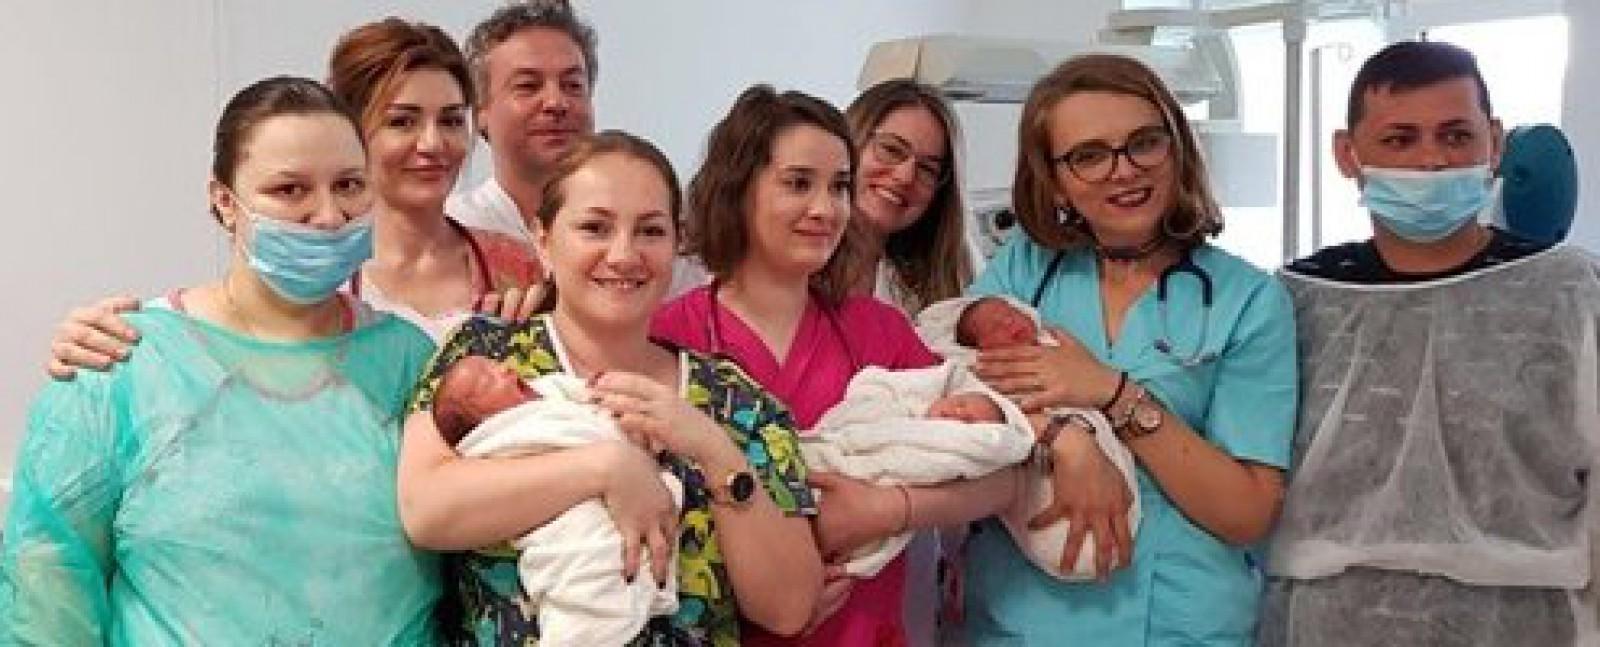 (foto) România: O mamă din Timişoara a născut tripleţi identici. Cazul apare o dată la 100.000 de naşteri